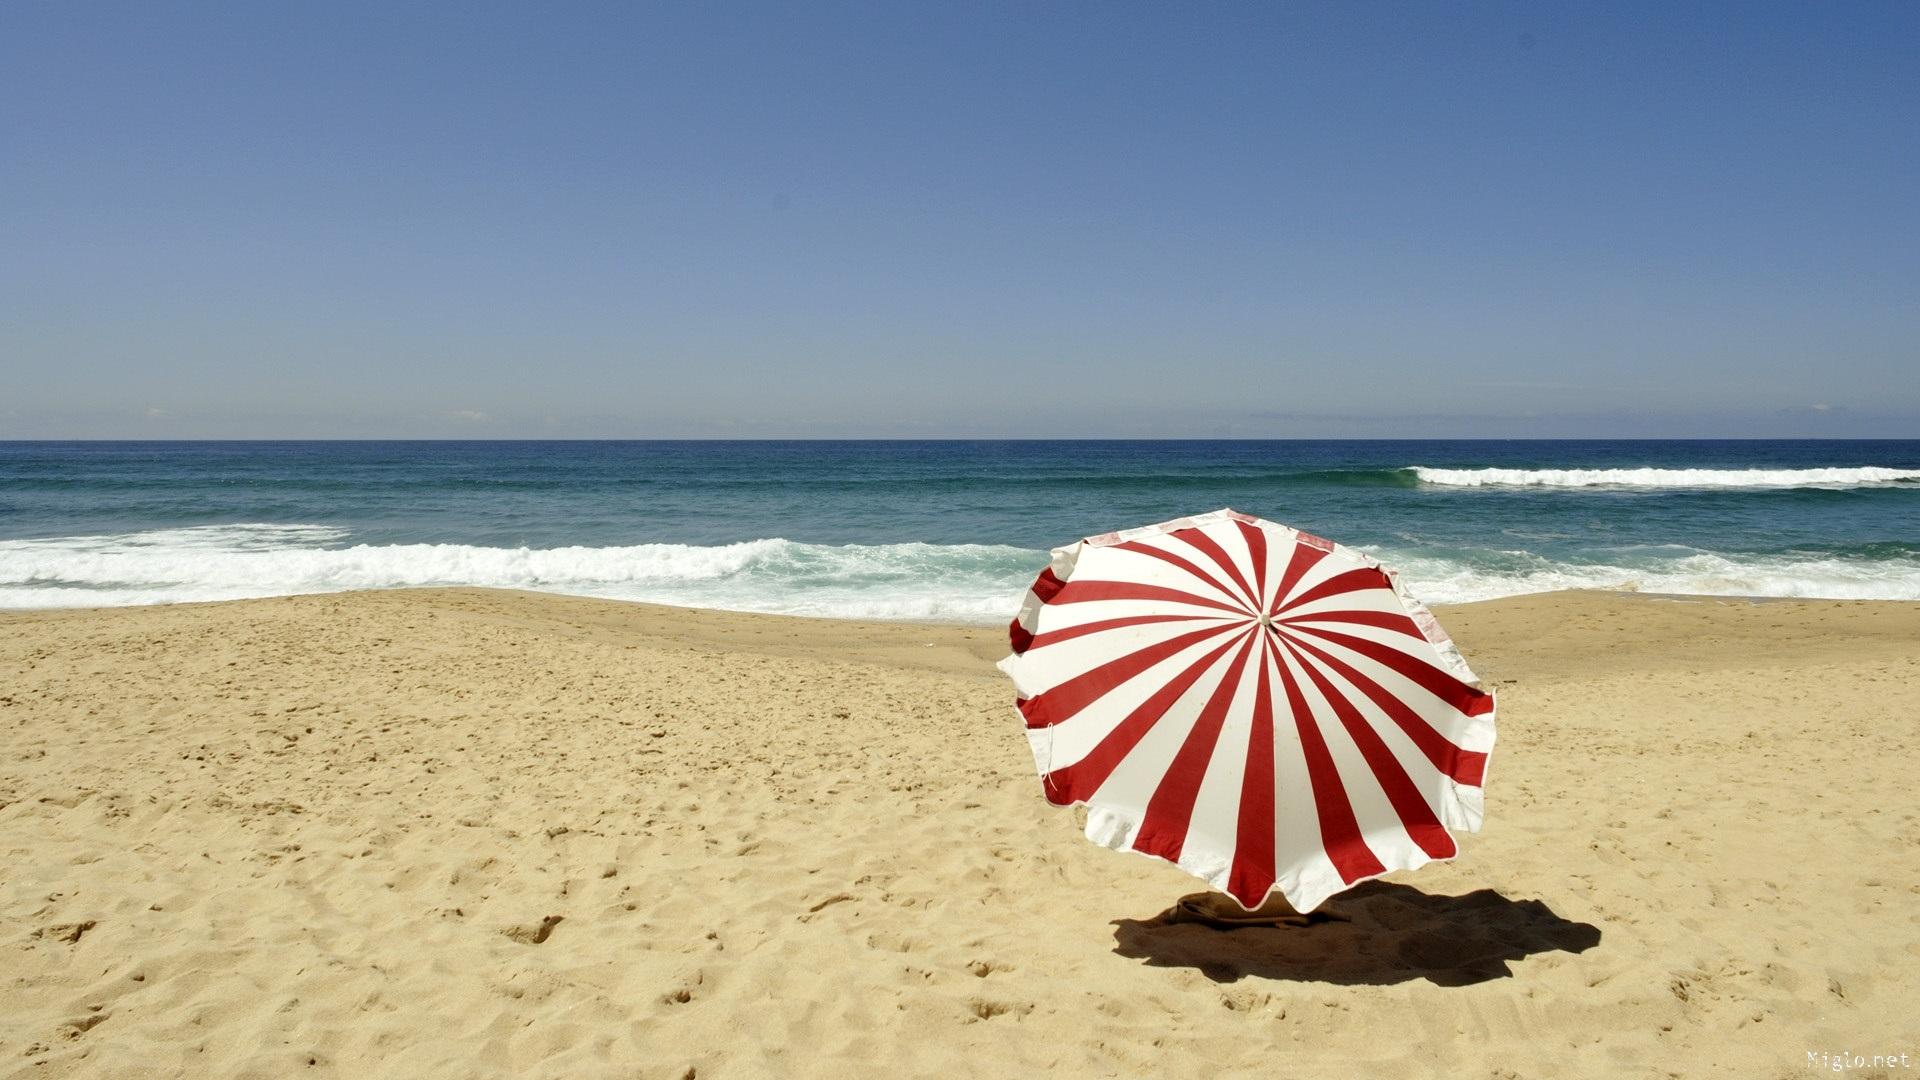 Parasol sur la plage 1920x1080